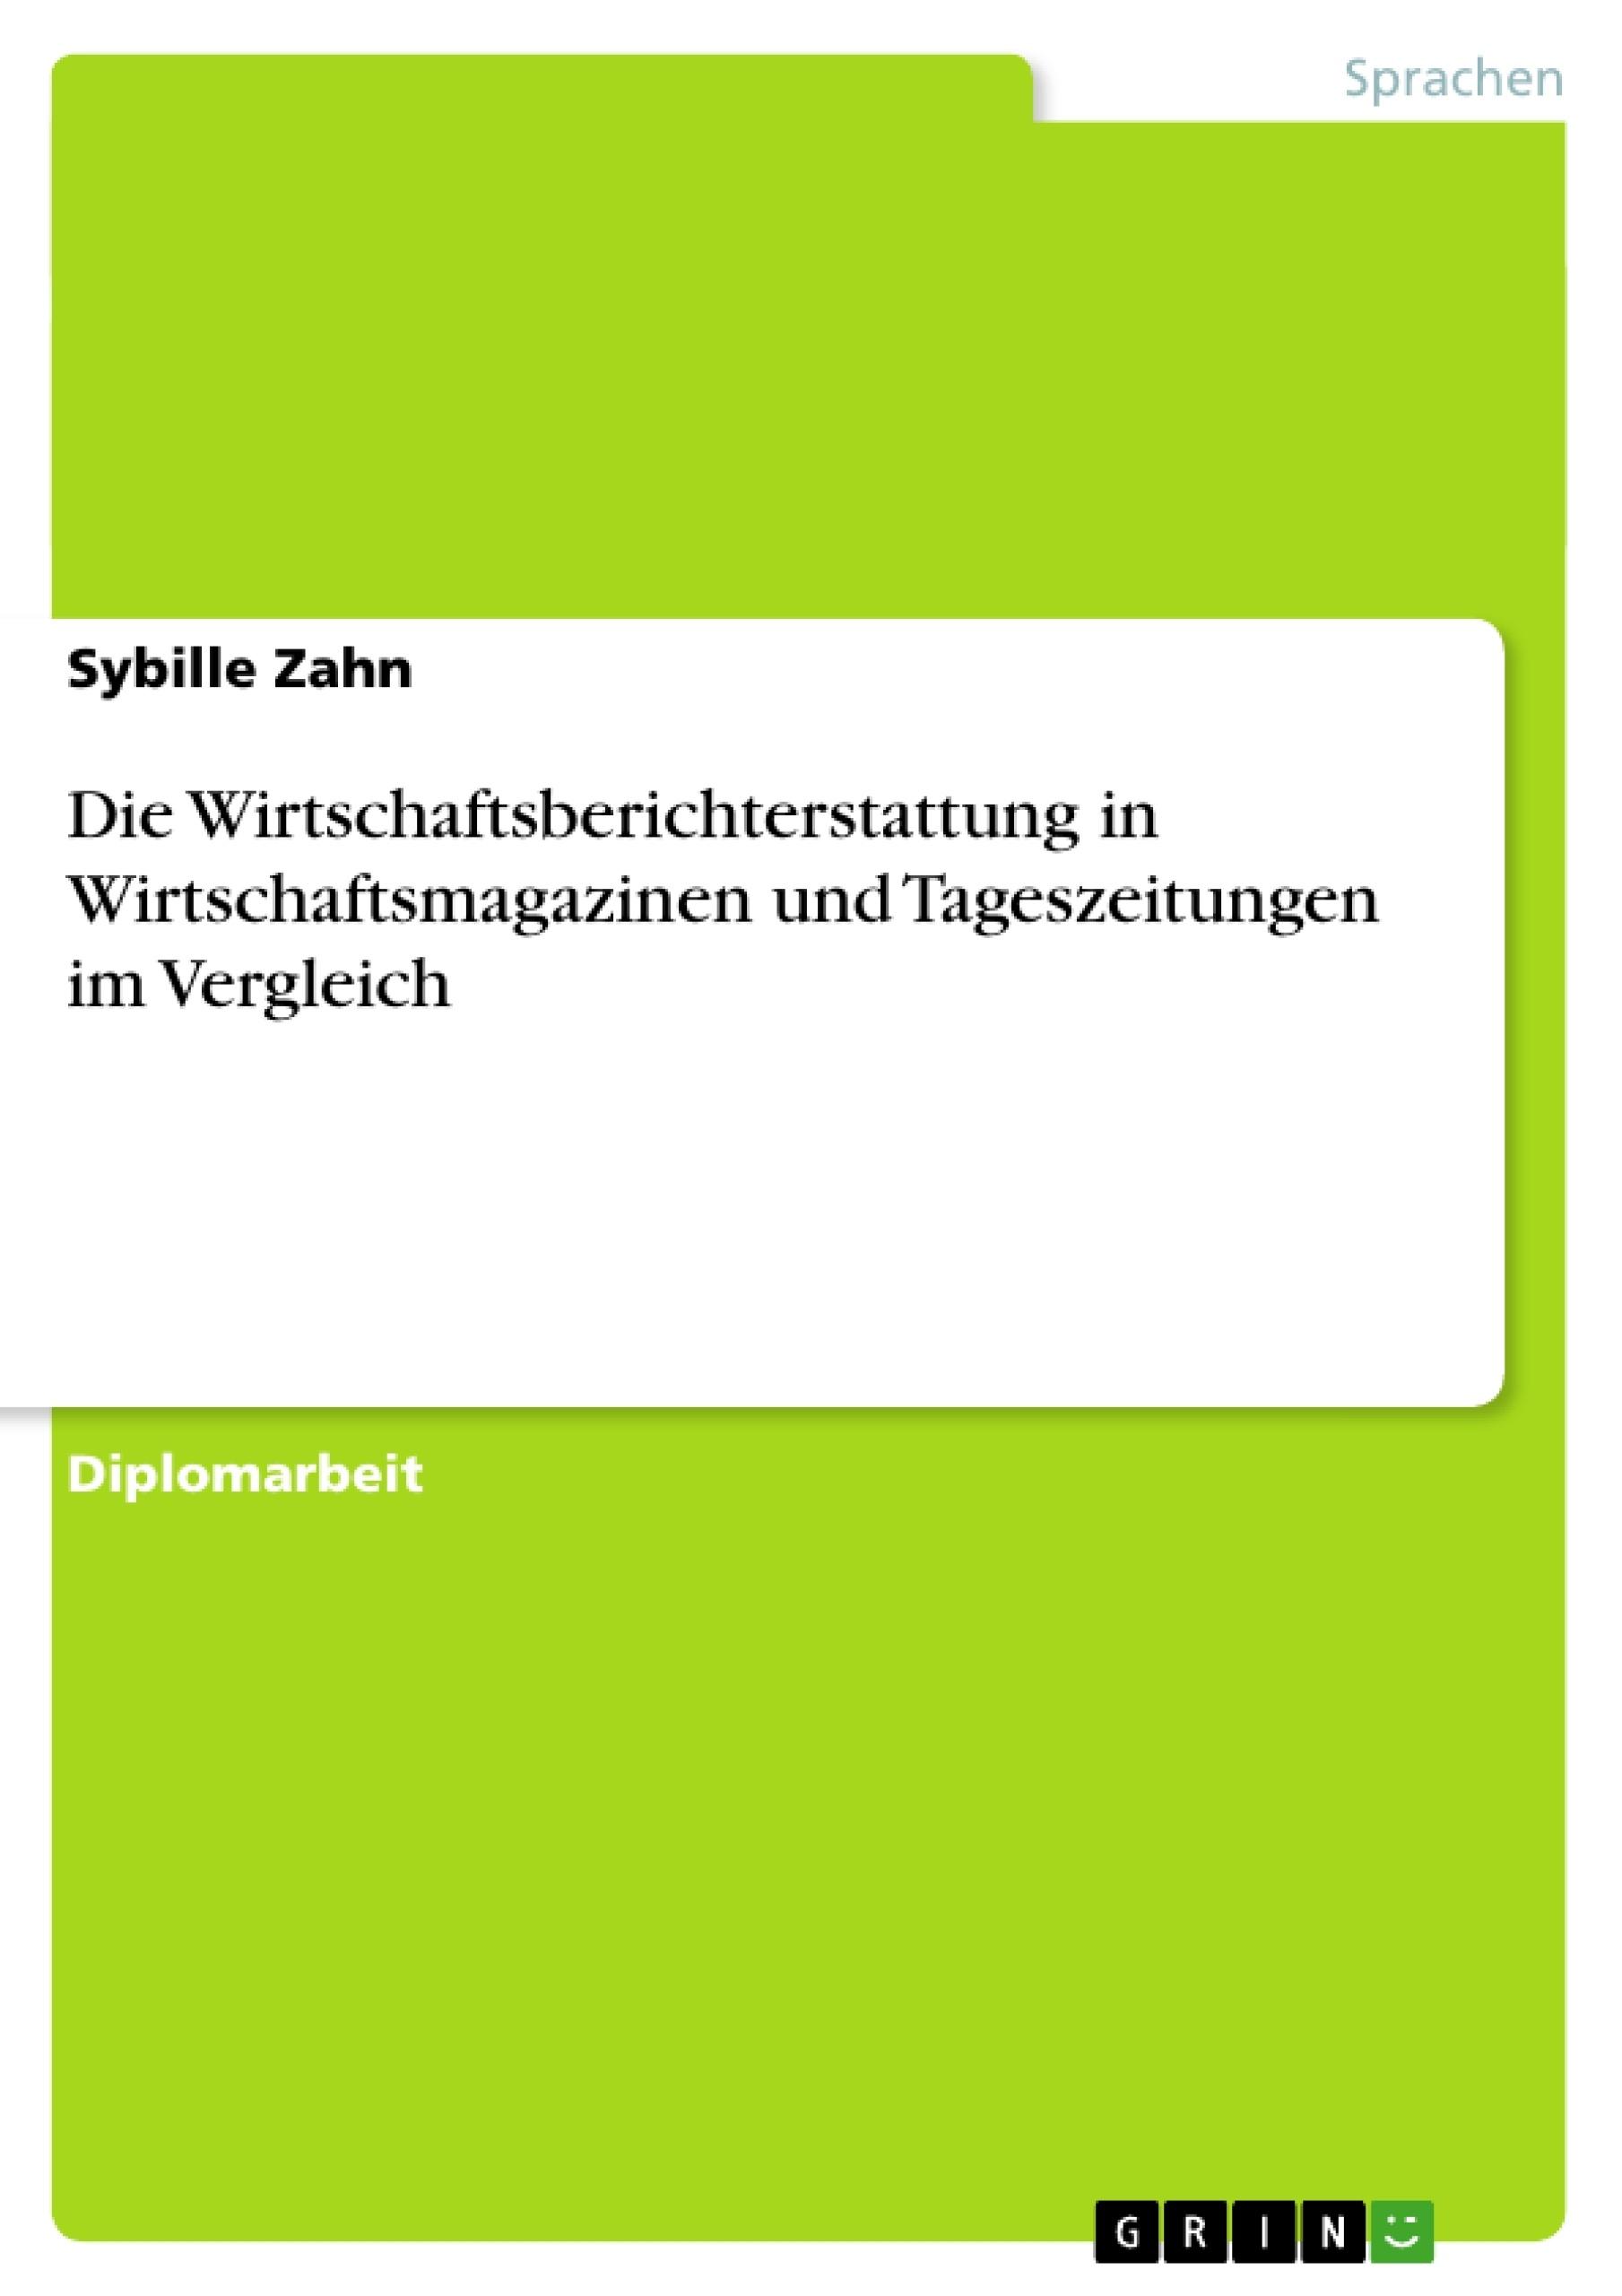 Titel: Die Wirtschaftsberichterstattung in Wirtschaftsmagazinen und Tageszeitungen im Vergleich